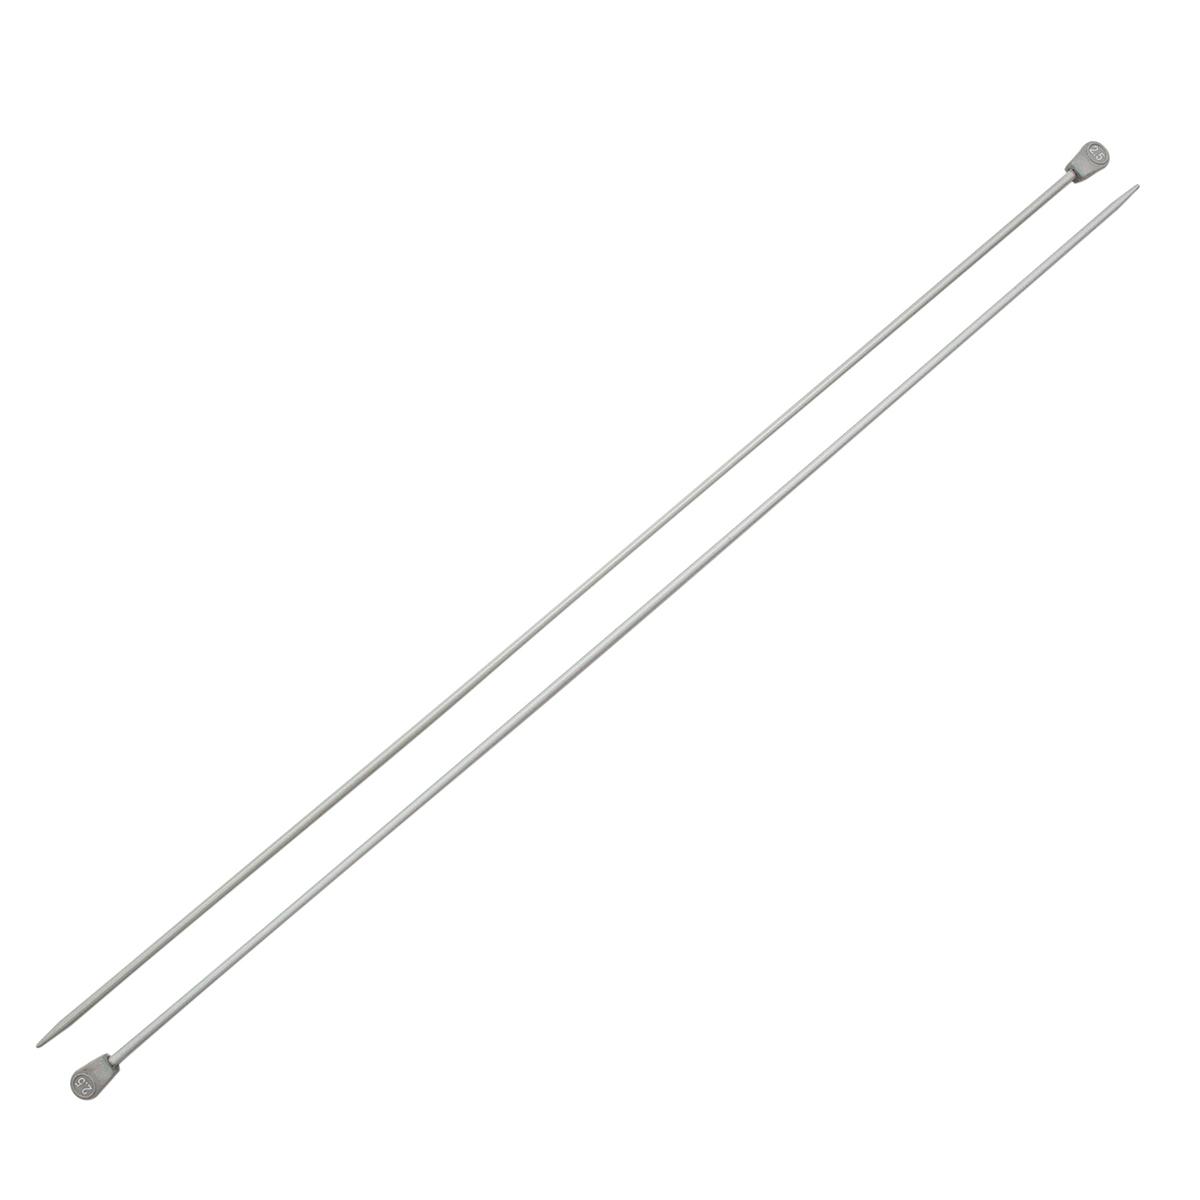 Спицы прямые алюминиевые с покрытием 940225, 35 см, 2,5 мм, Hobby&Pro